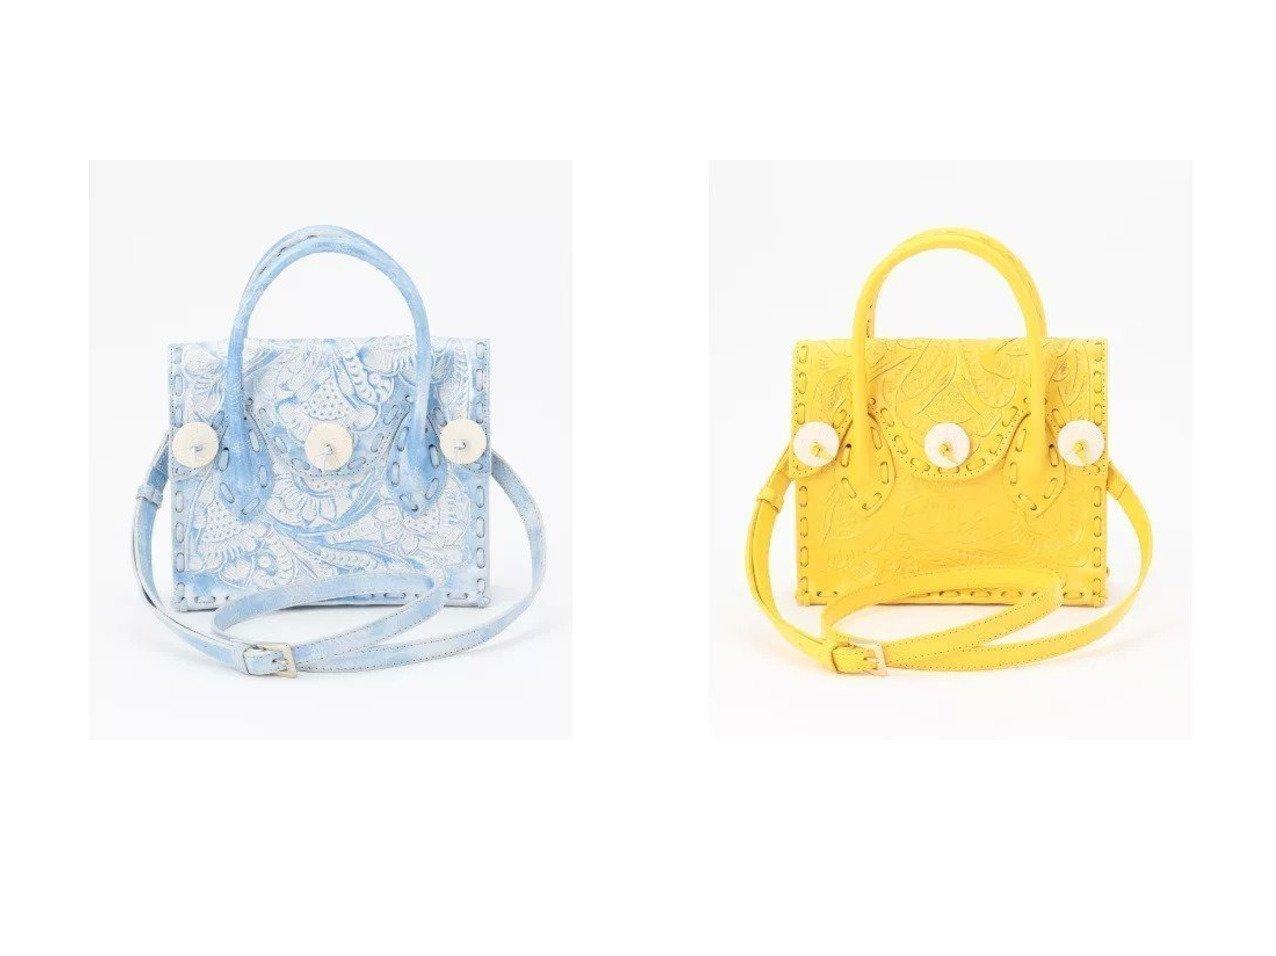 【GRACE CONTINENTAL/グレース コンチネンタル】のMini MS Queen-21SS&Mini MS-21SS GRACE CONTINENTALのおすすめ!人気、トレンド・レディースファッションの通販  おすすめで人気の流行・トレンド、ファッションの通販商品 メンズファッション・キッズファッション・インテリア・家具・レディースファッション・服の通販 founy(ファニー) https://founy.com/ ファッション Fashion レディースファッション WOMEN ヴィンテージ 春 Spring スタイリッシュ 定番 Standard 人気 ポケット S/S 春夏 SS Spring/Summer |ID:crp329100000018686